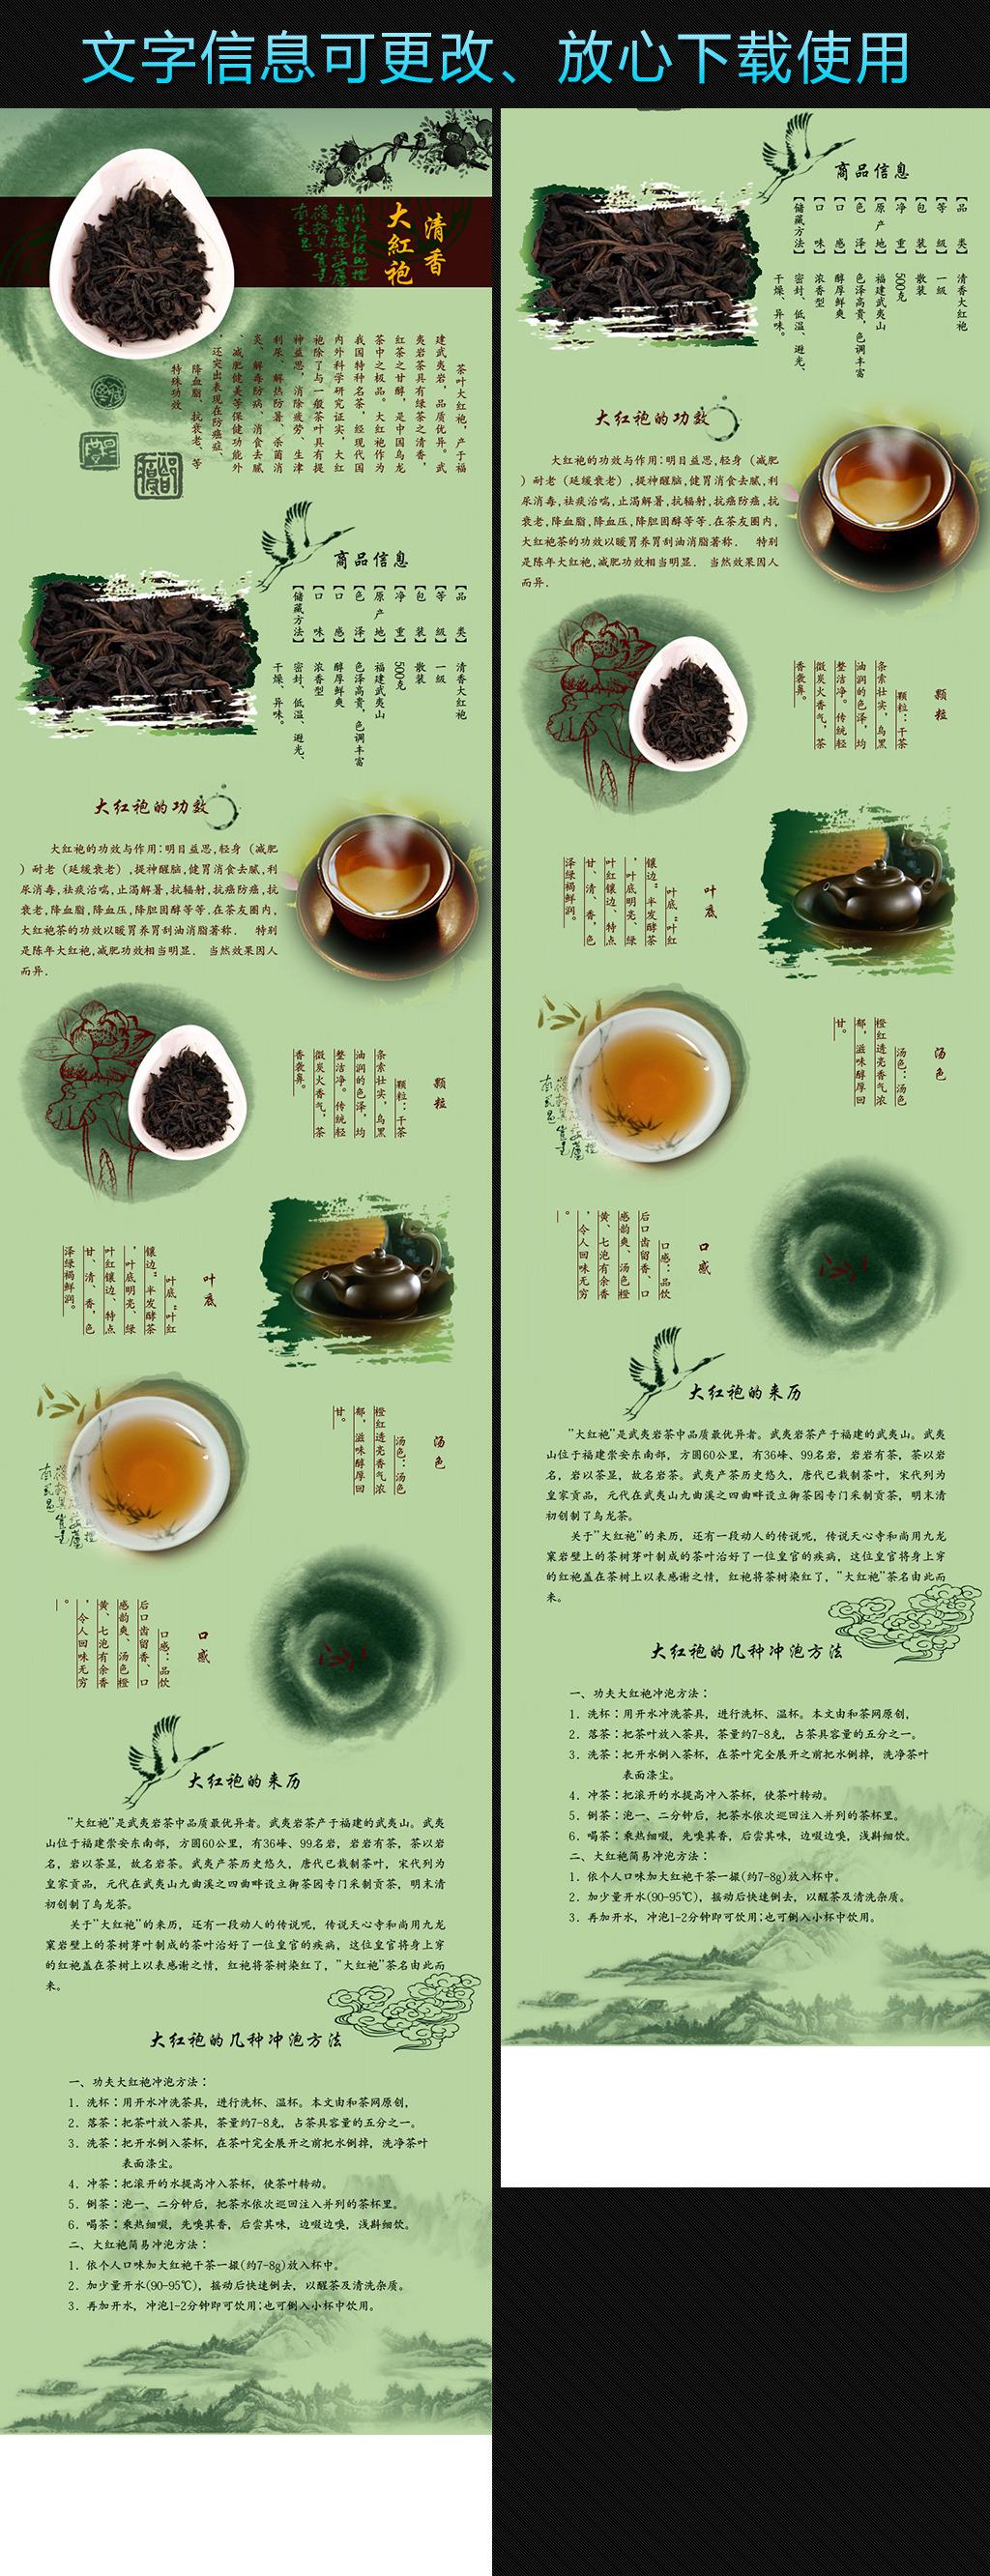 淘宝大红袍茶叶